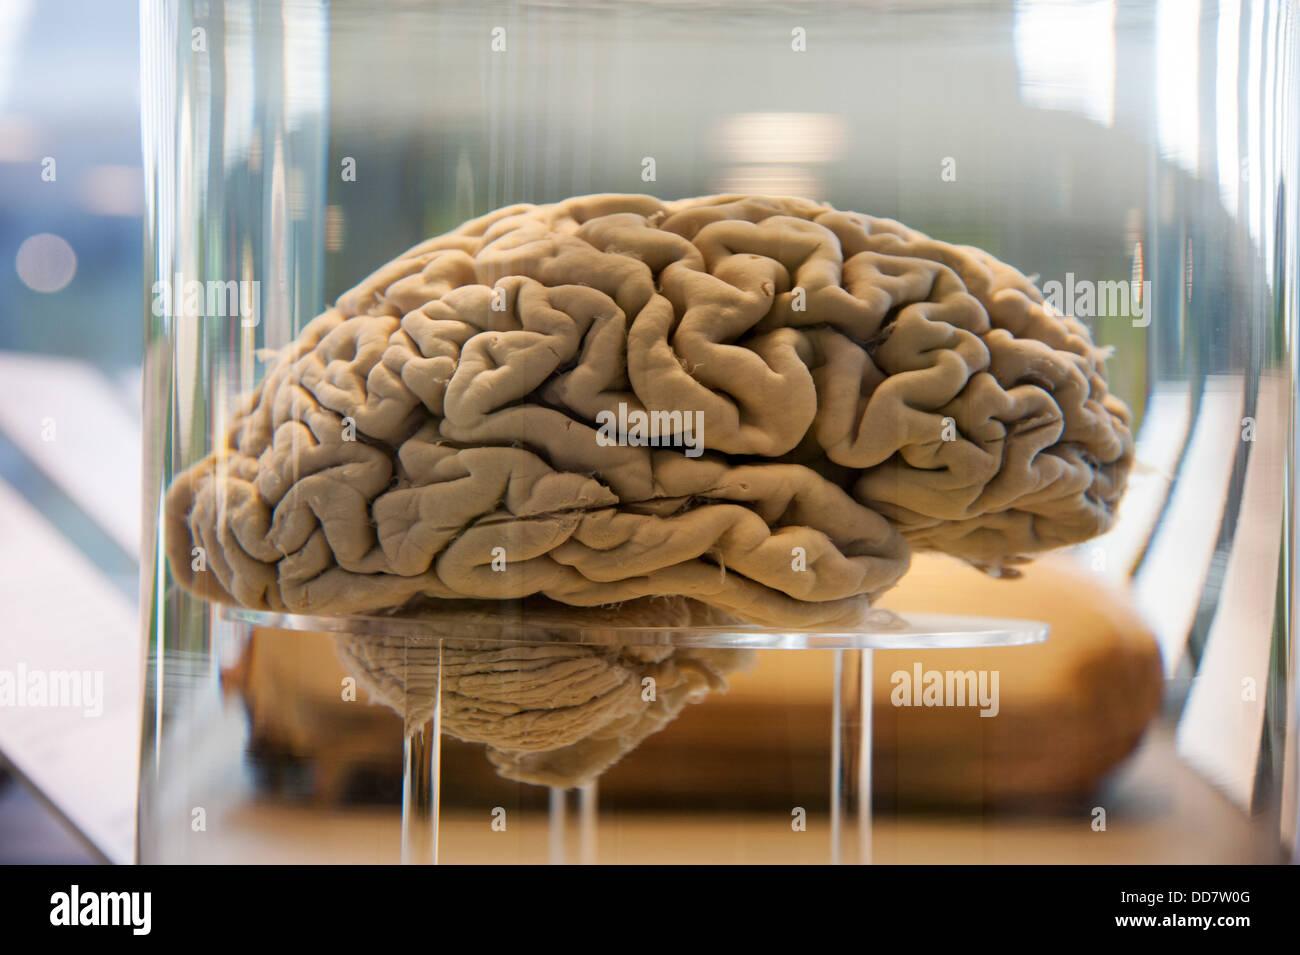 Cerveau humain dans un récipient en verre rempli d'un liquide clair Photo Stock